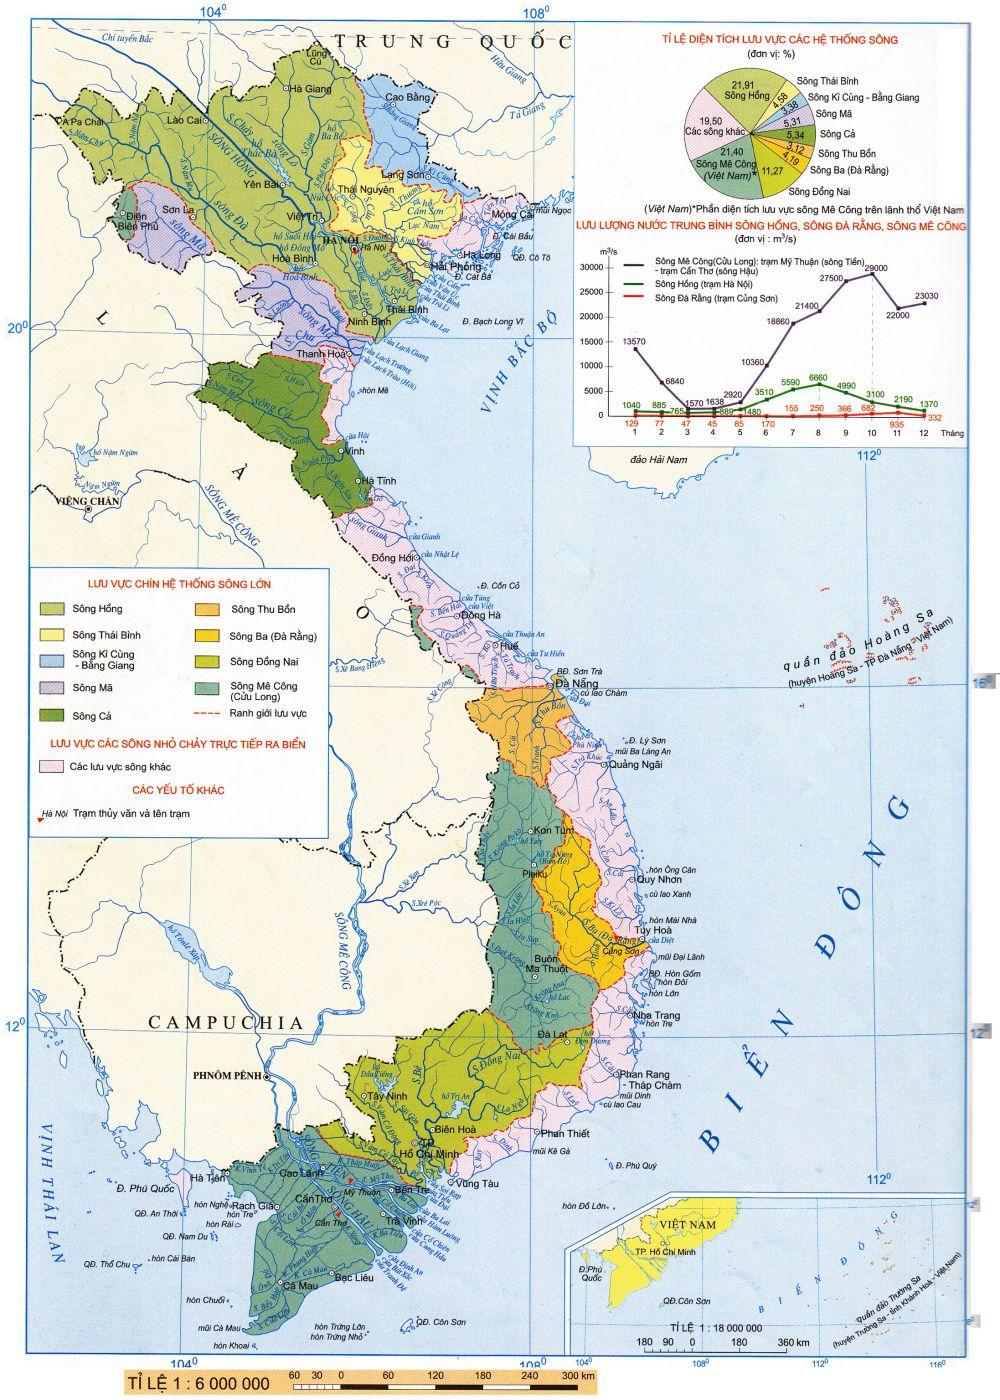 Bản đồ thể hiện Sông Ngòi ở Việt Nam